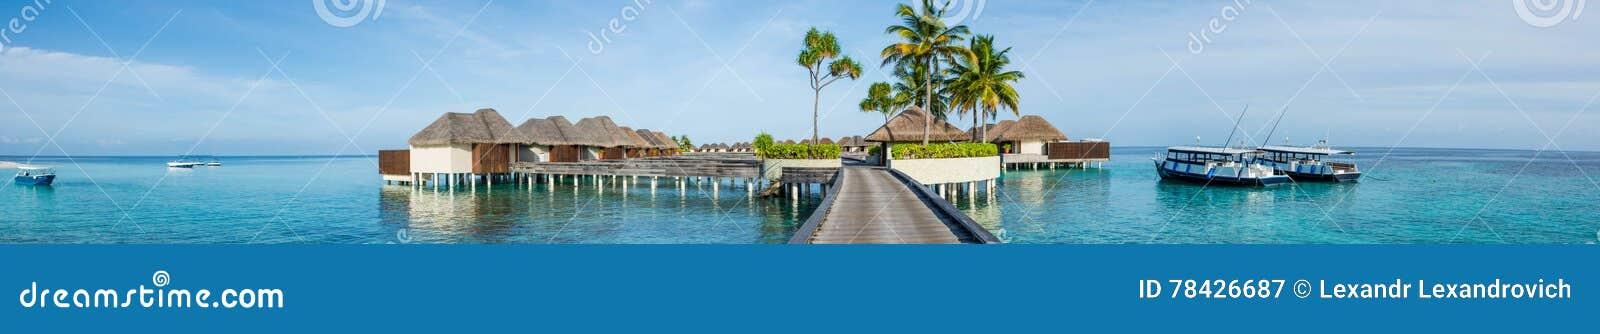 Mooi tropisch strandpanorama van bungalos met brug dichtbij de oceaan met palmenbomen en boten in de Maldiven